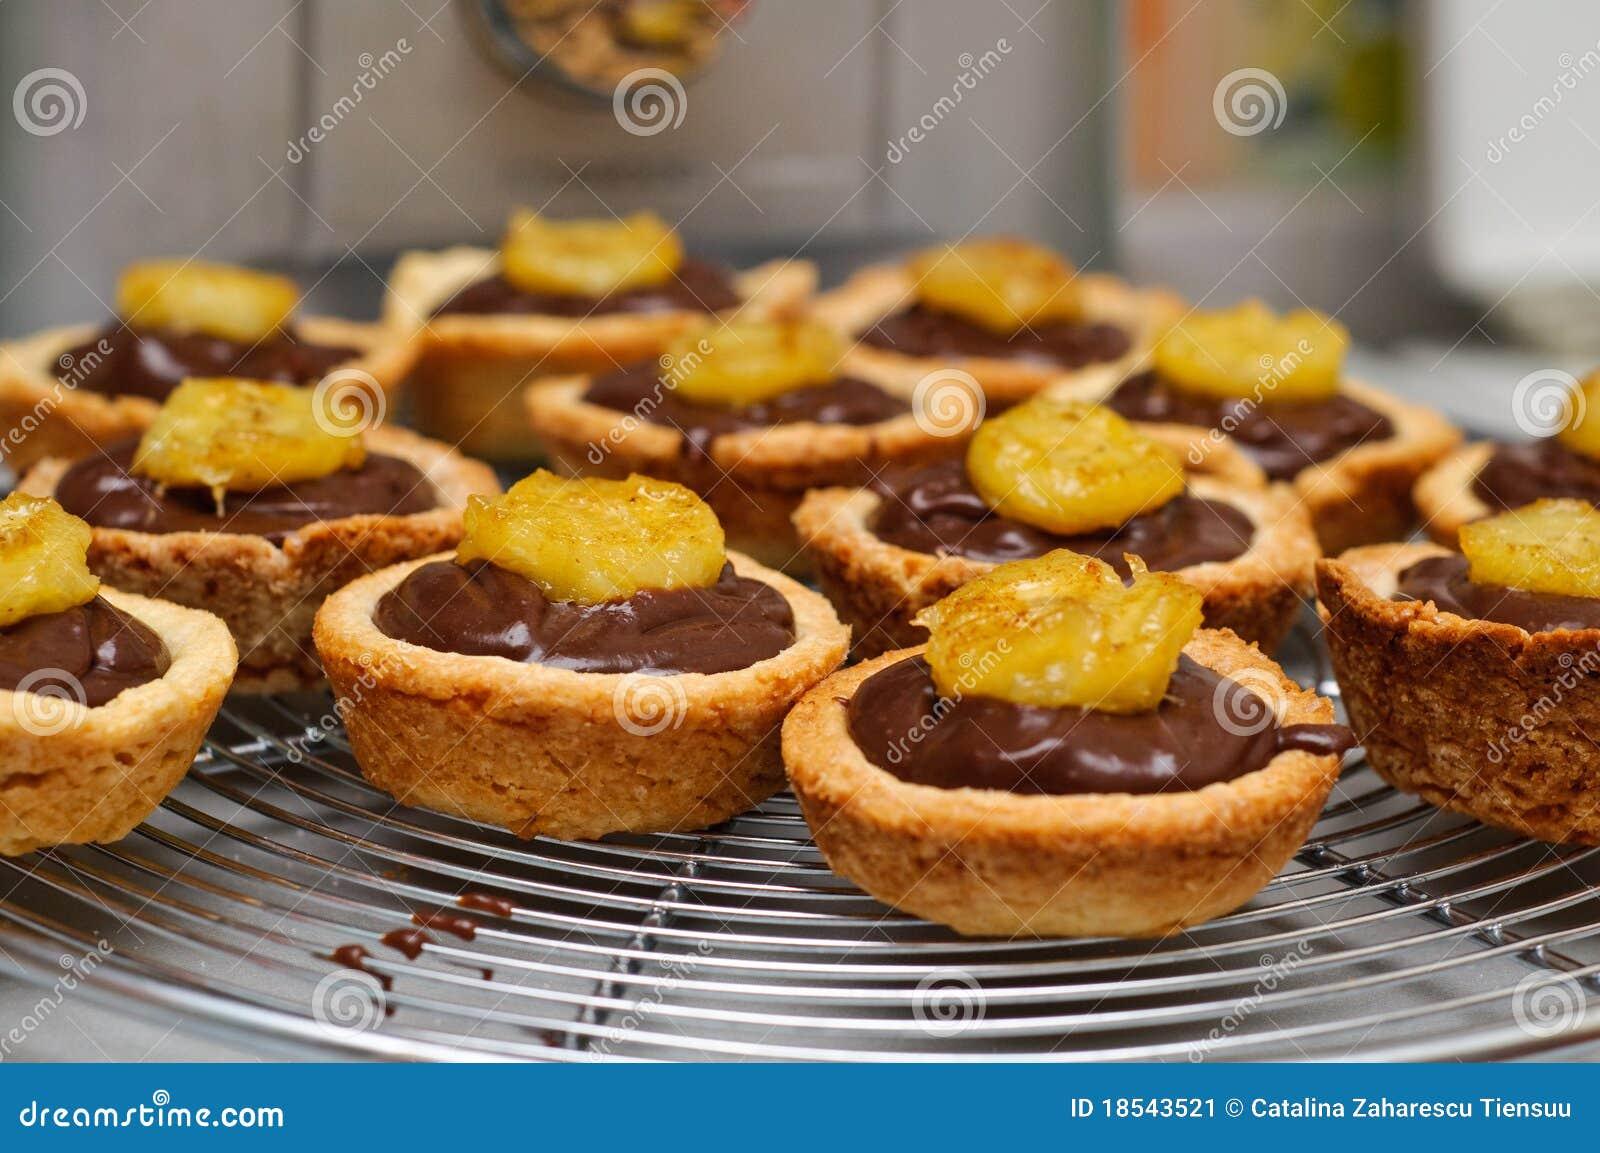 Pin Ttss Dark Chocolate And Peppermint Whipped Cream Tart H Cake on ...